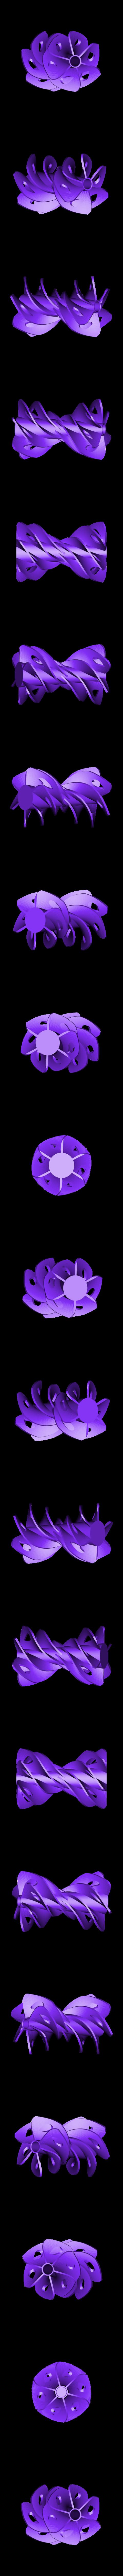 Propeller_vase.stl Download free STL file Propeller Vase • 3D print model, ImmersedN3D